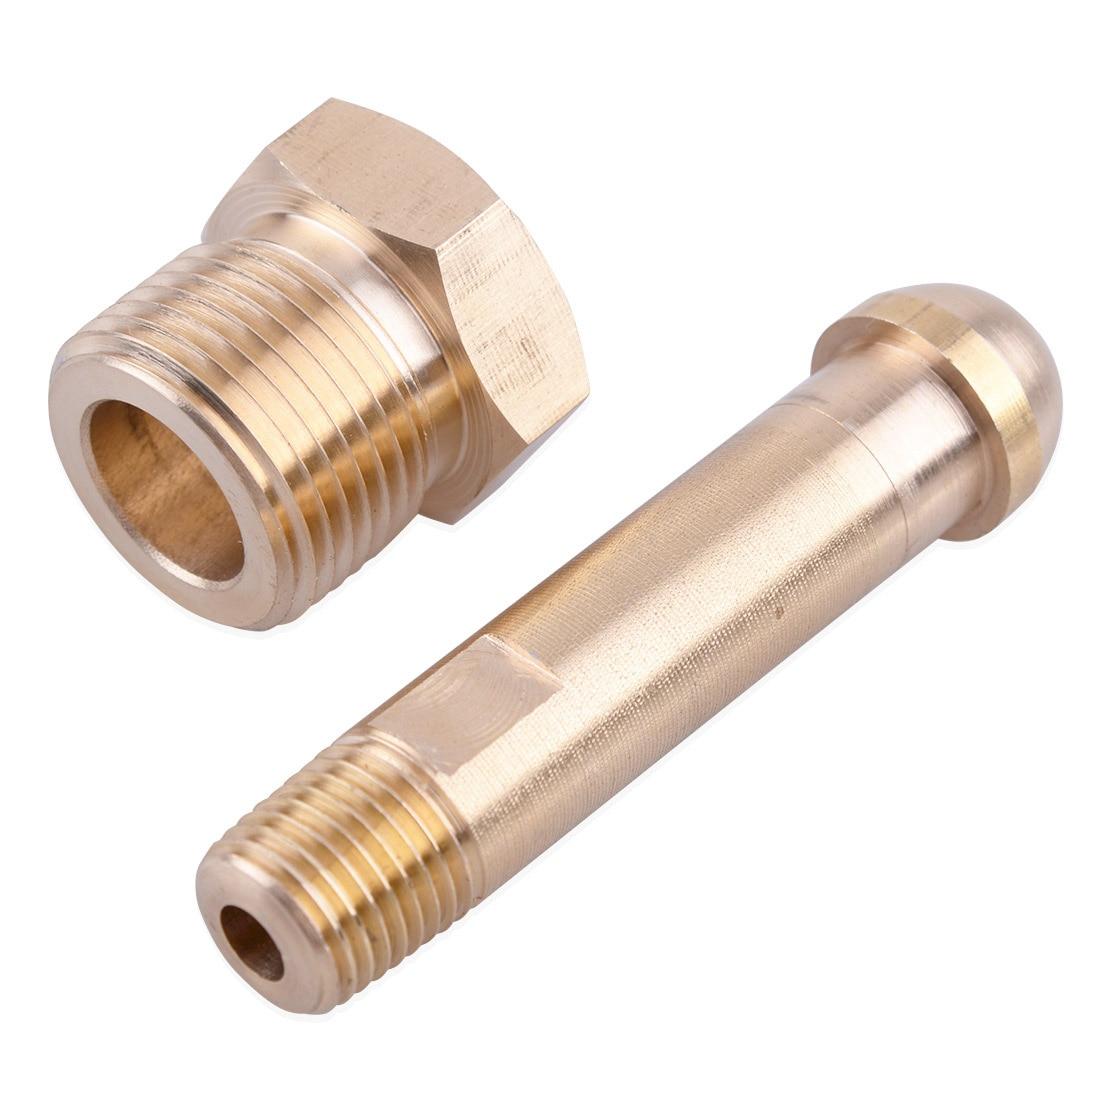 LETAOSK New CGA 580 Brass Nut 3 Inch Nipple Regulator Helium Argon Nitrogen Inlet Bottle Fittings|Tool Parts|   - AliExpress